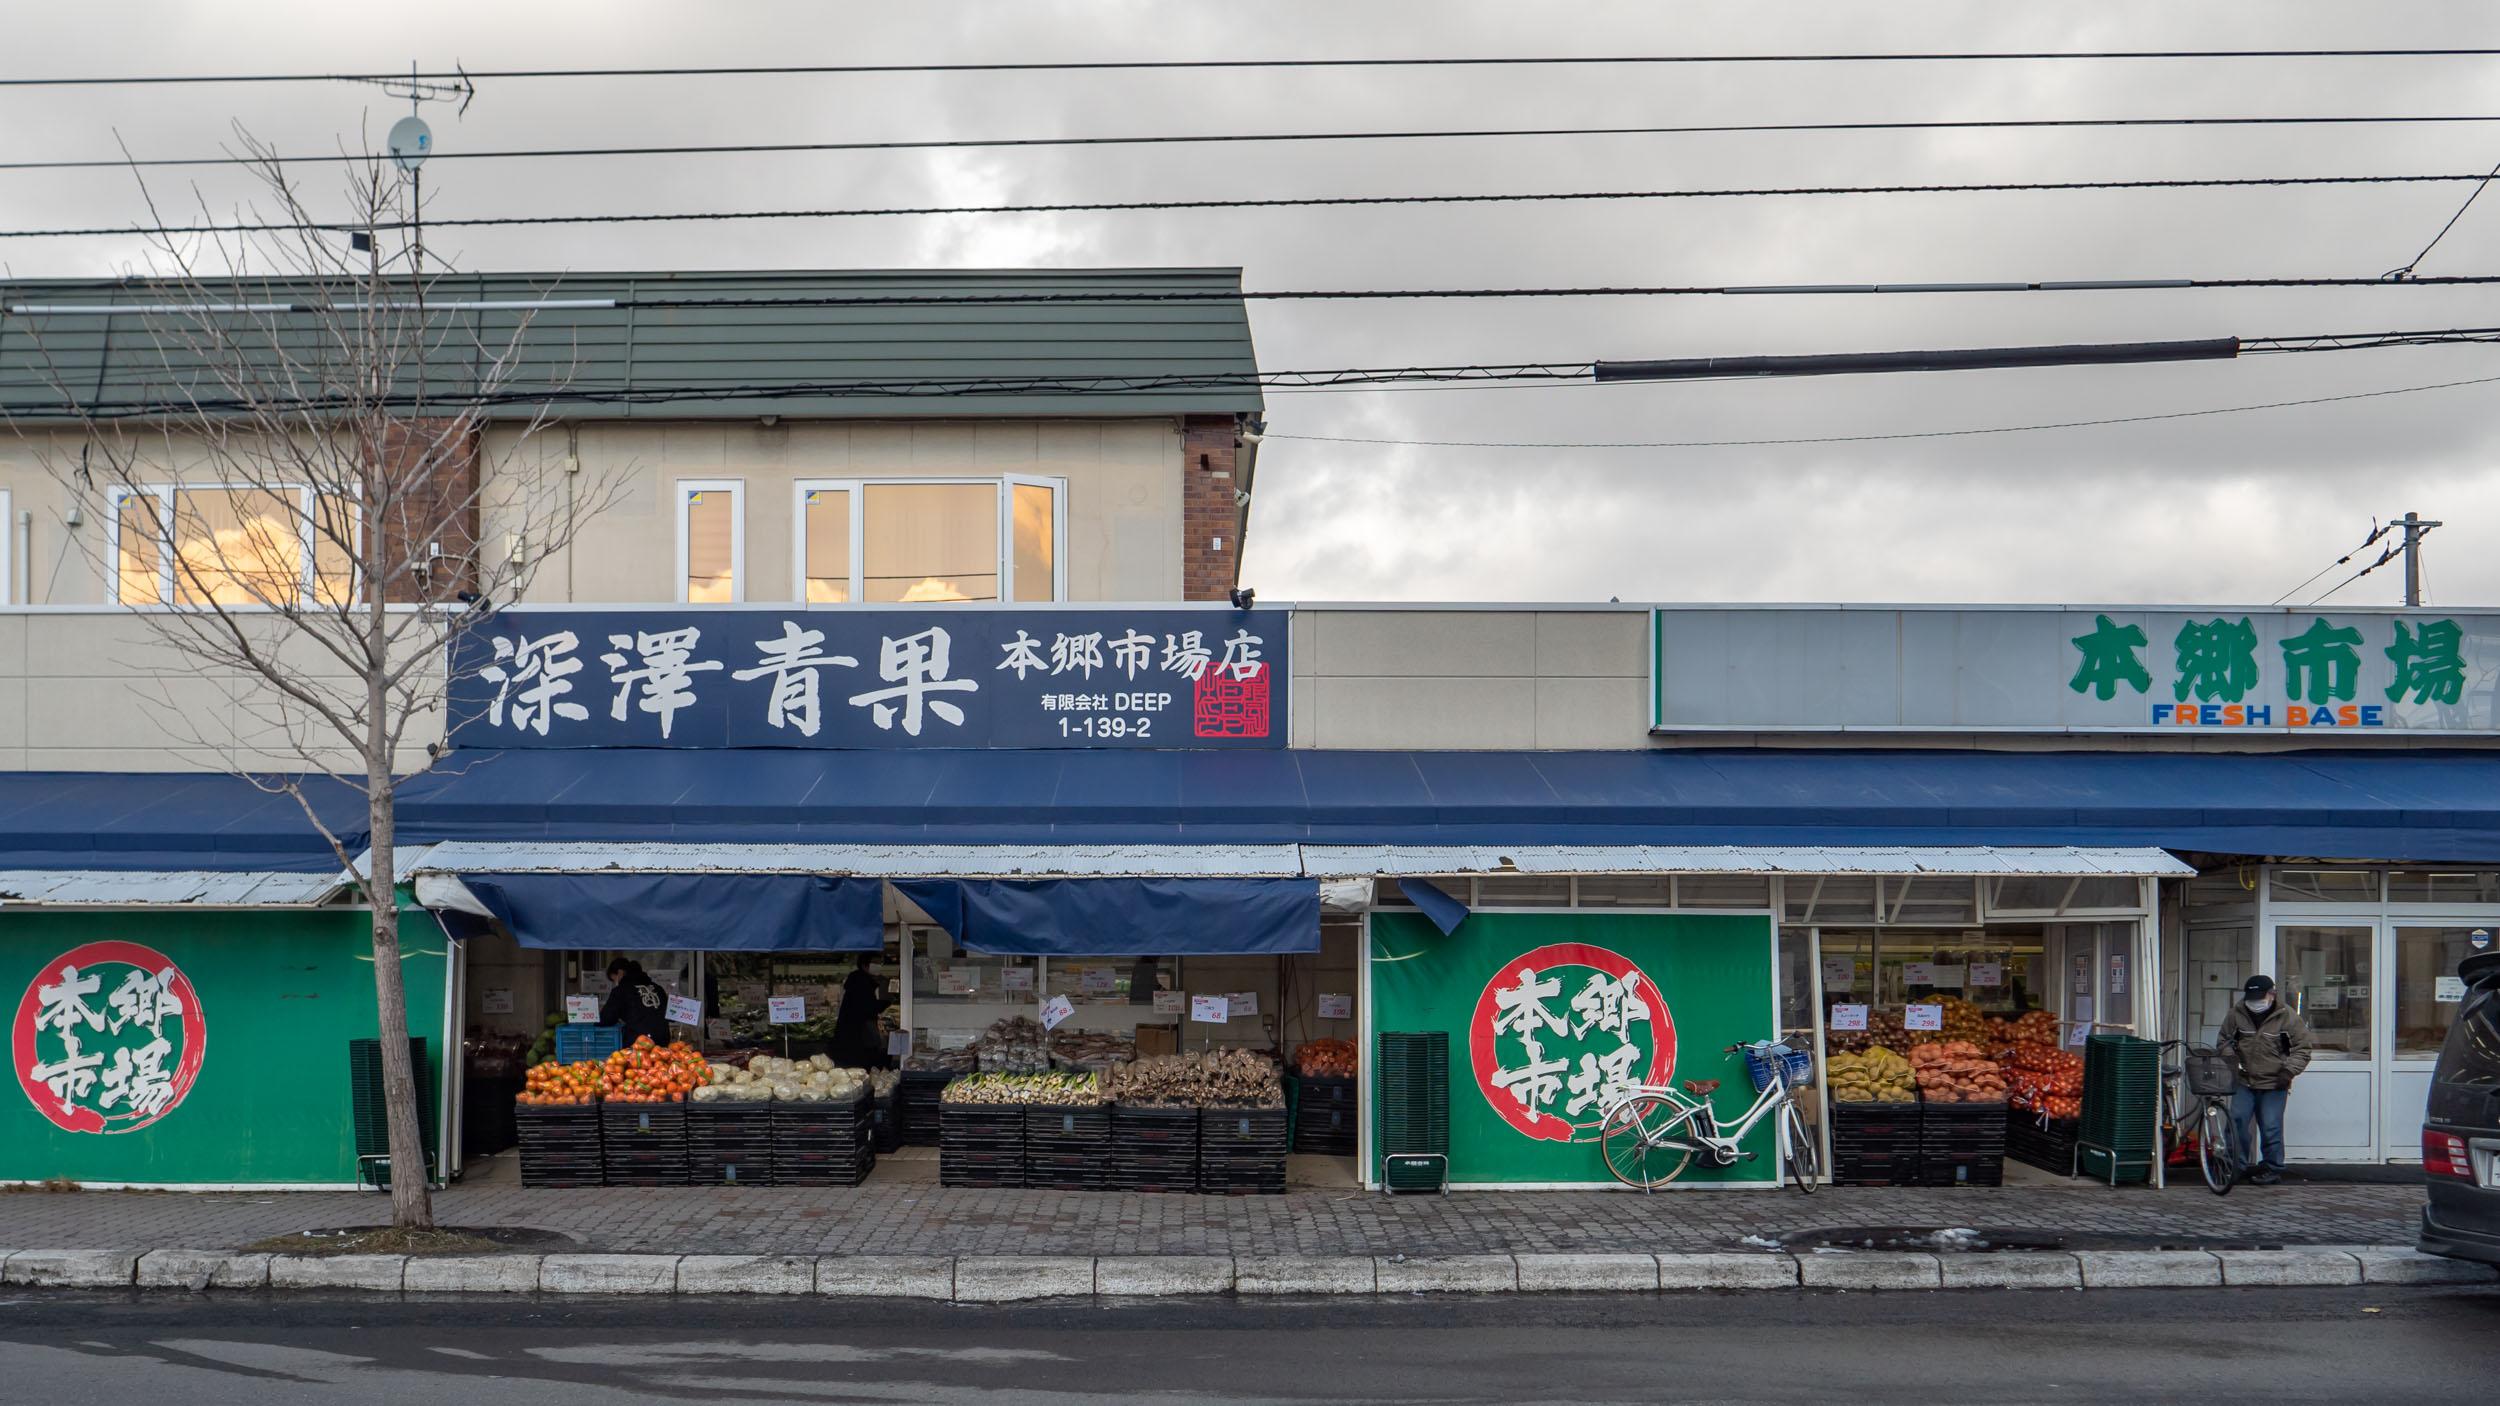 札幌市白石区本郷通4丁目北7−15「深澤青果 本郷市場店」の外観 DMC-GX8 + LEICA DG 12-60mm